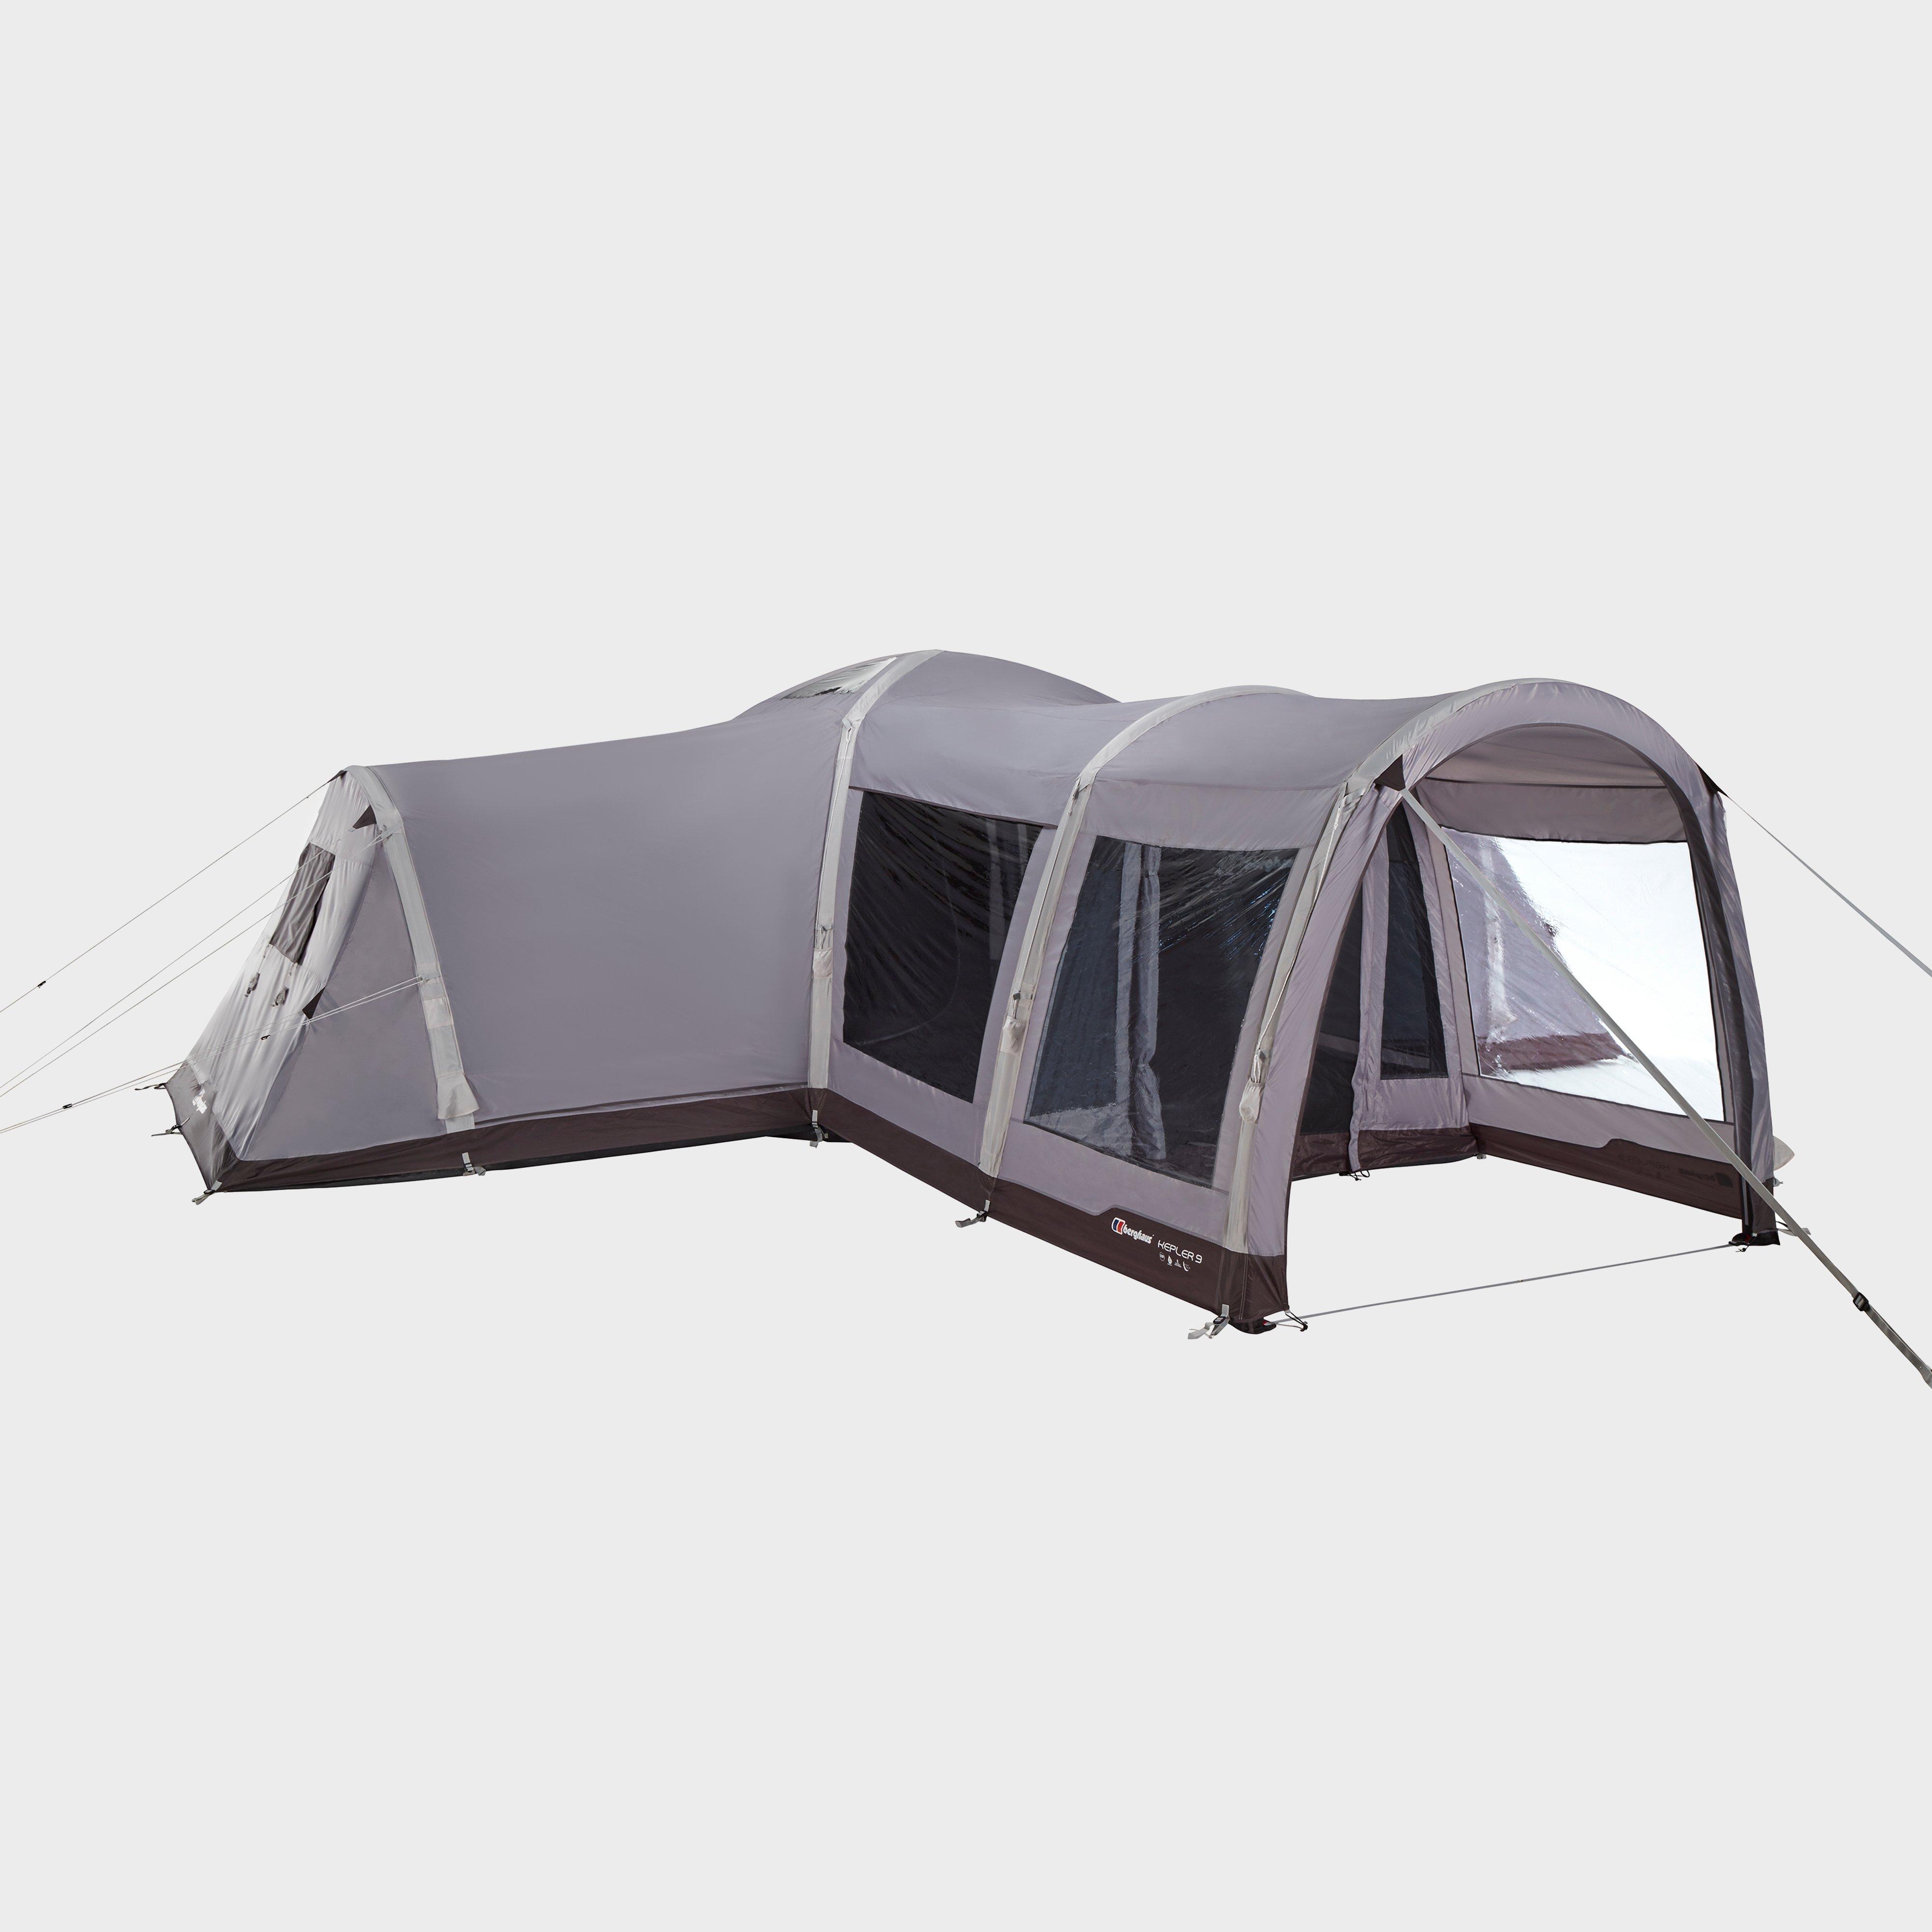 Berghaus Kepler 9 Nightfall Air Tent - Grey/Lgy, Grey/LGY